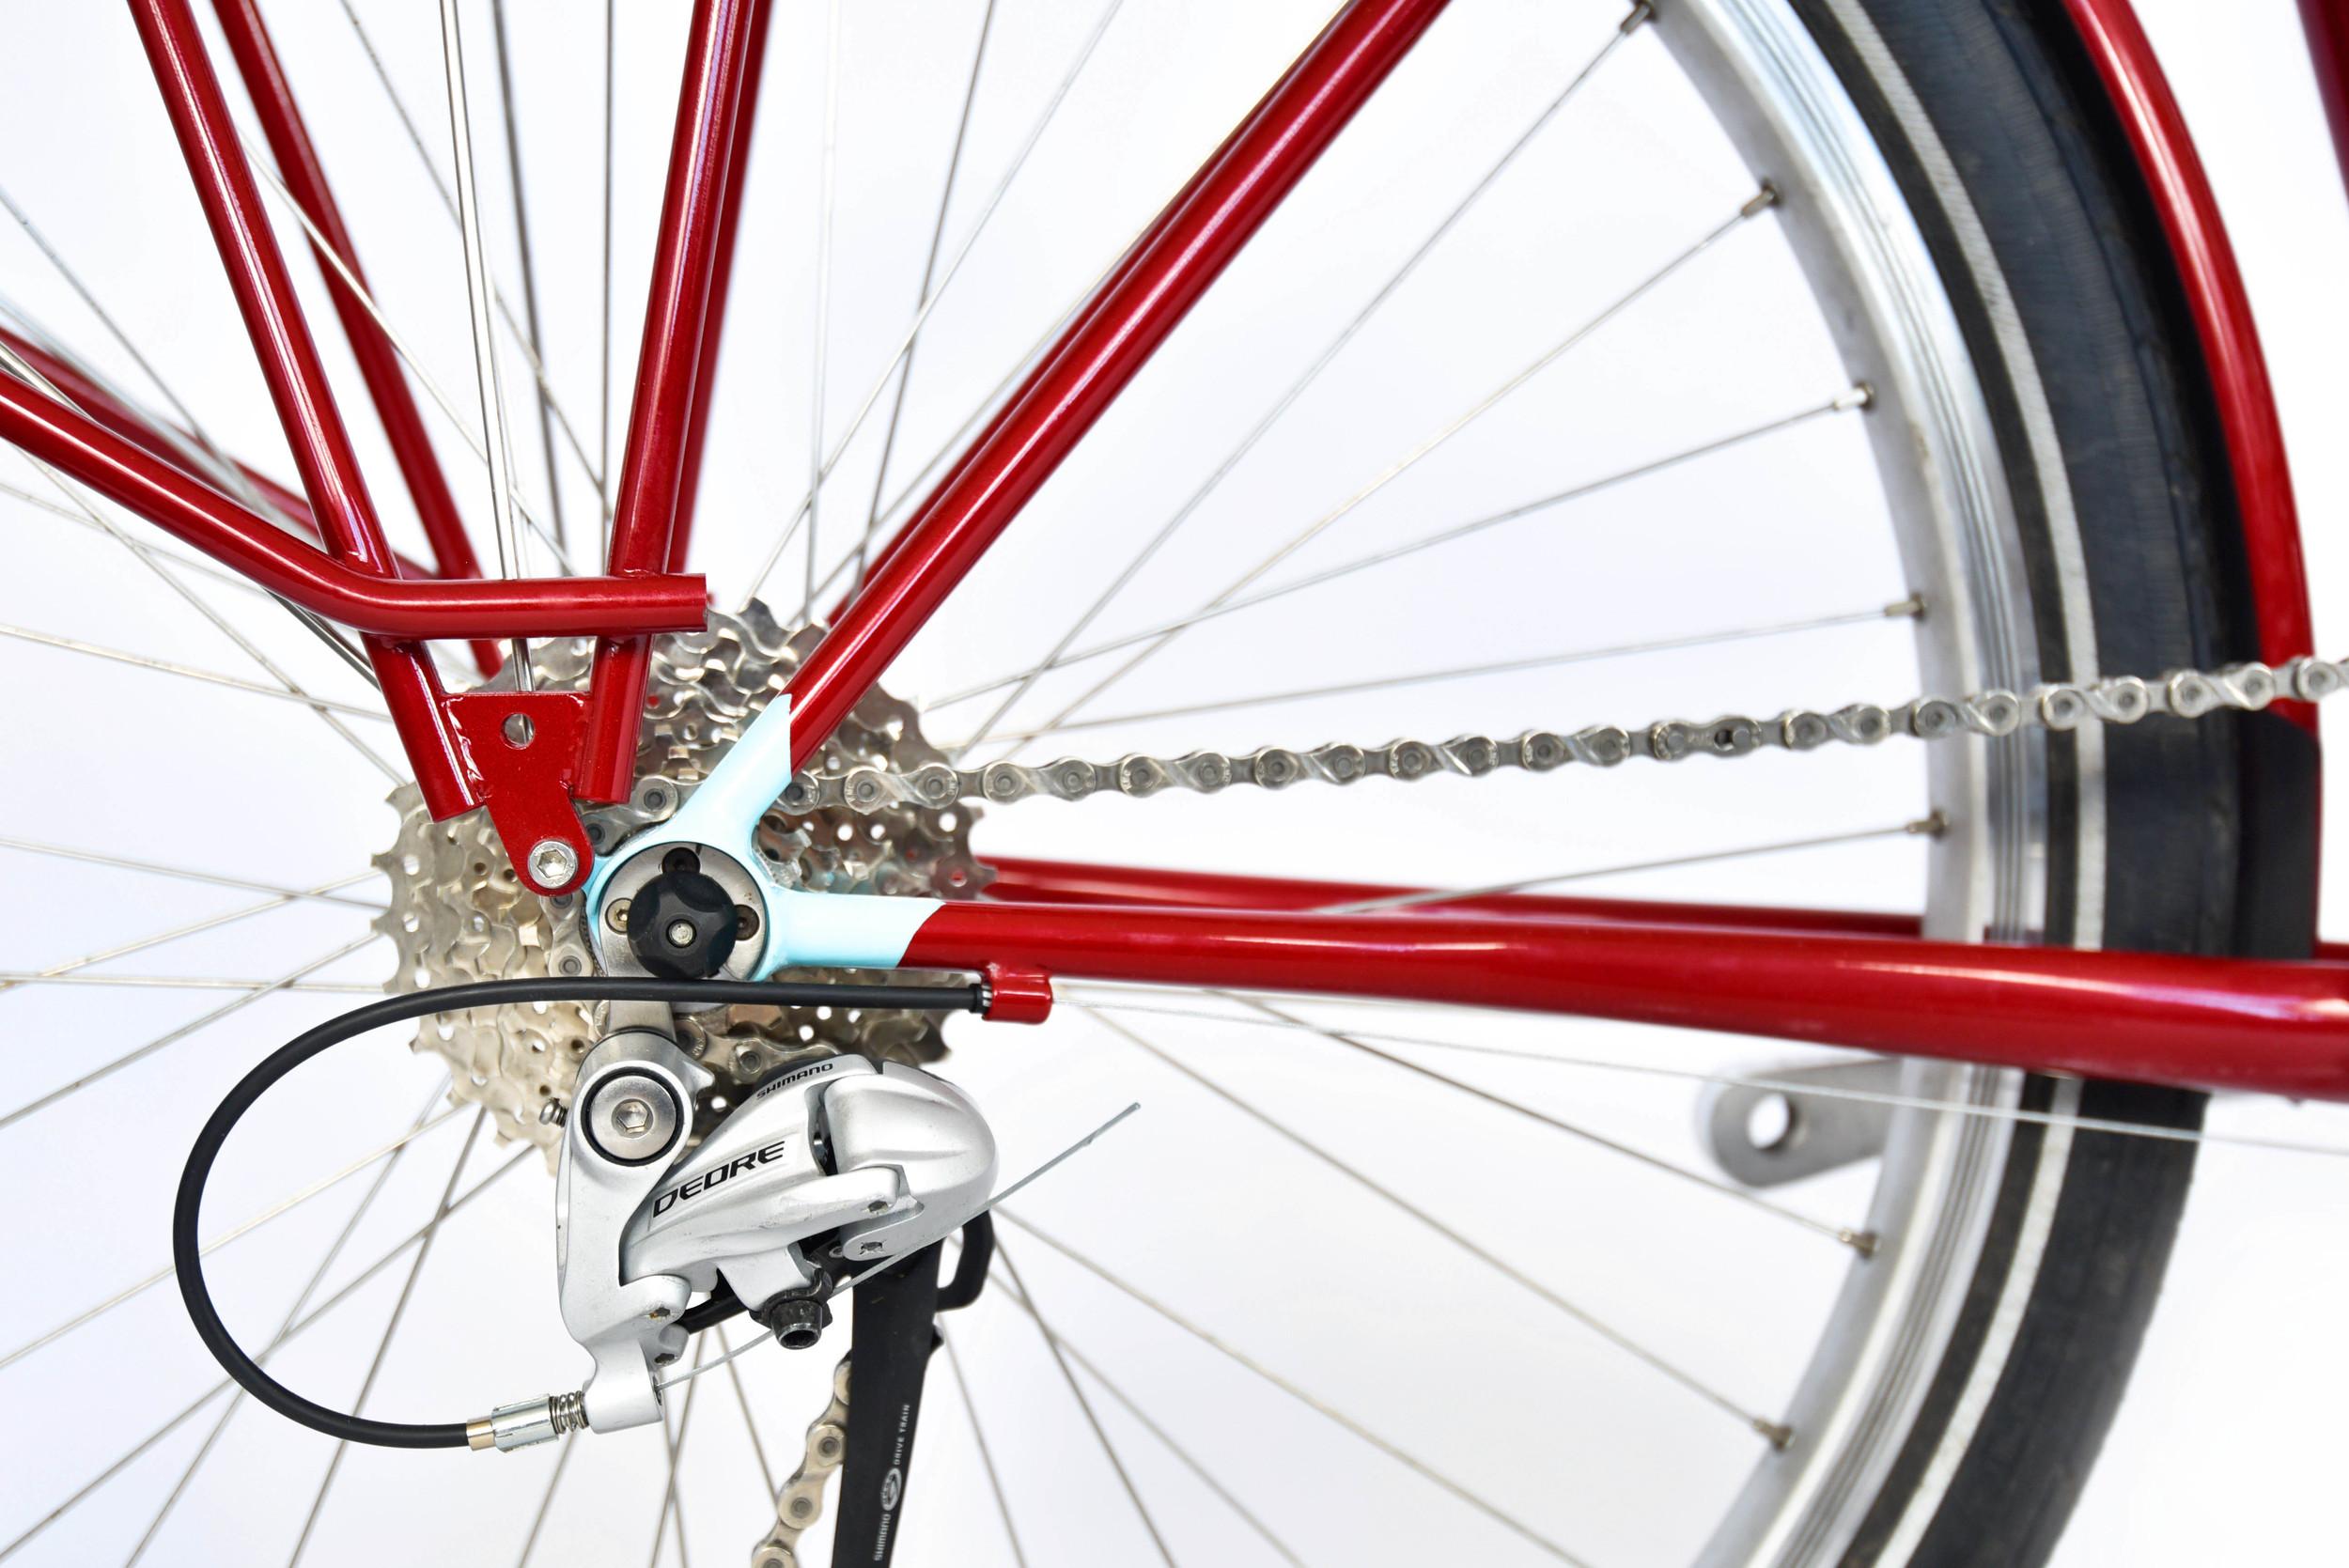 853 mini touring bike fillet brazed dropout detail